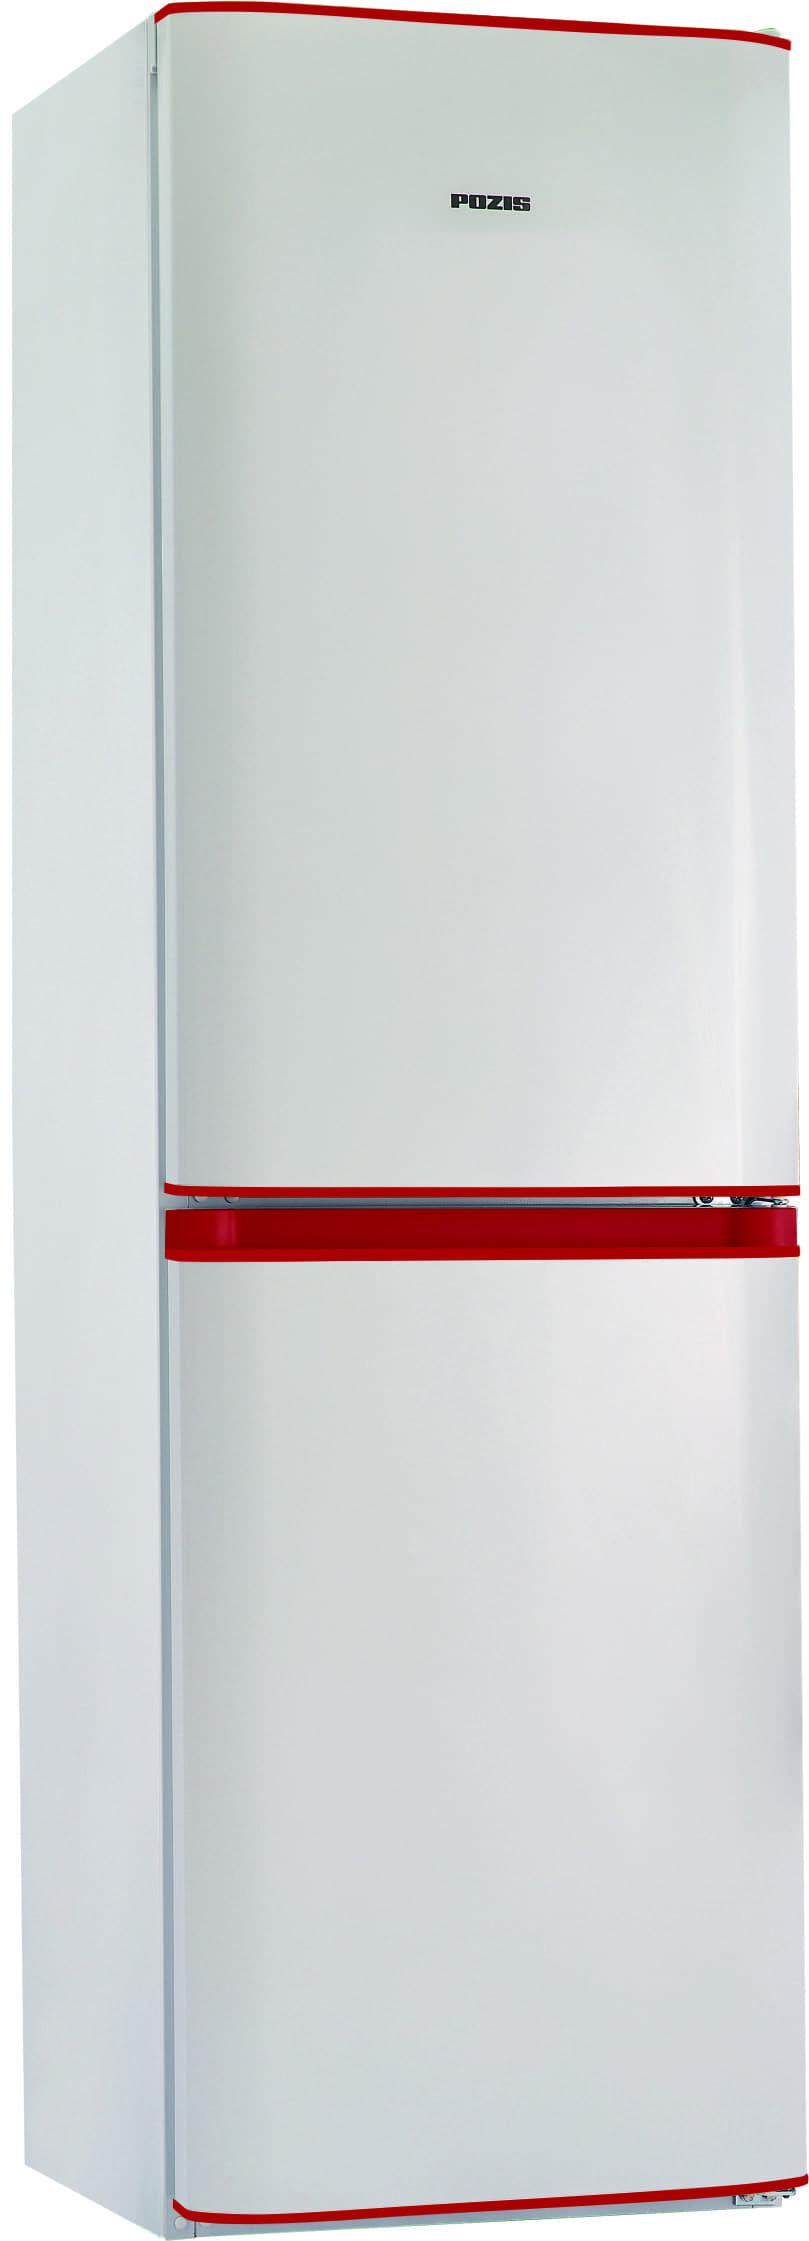 Шкаф холодильный RK FNF-172 белый с рубиновыми накладками